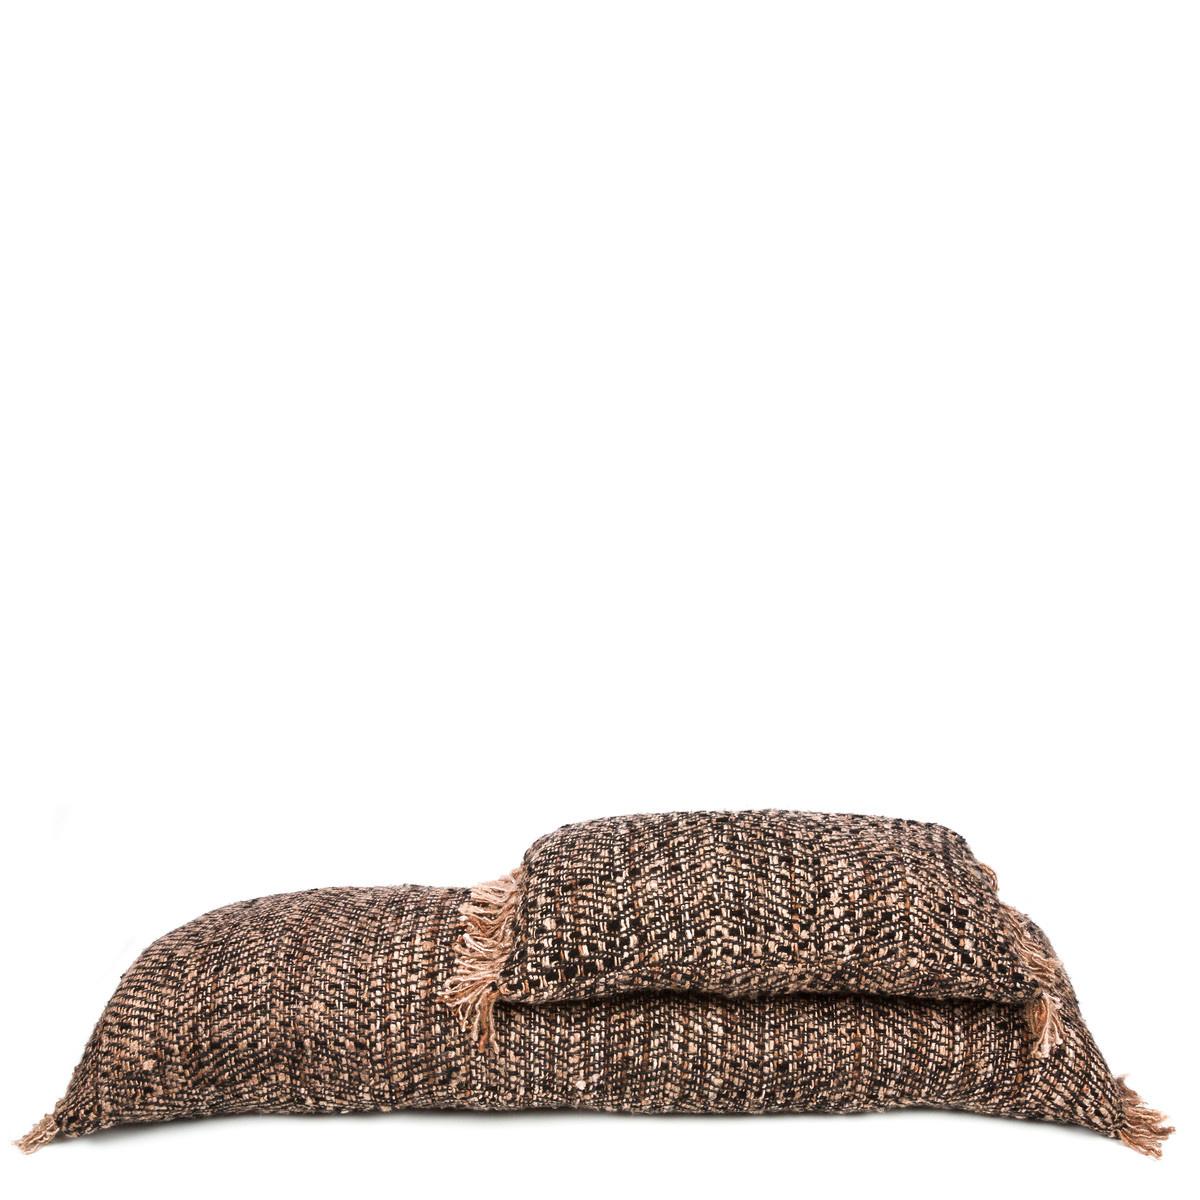 Bazar Bizar Cushion Boho - Black copper - L100xW35cm